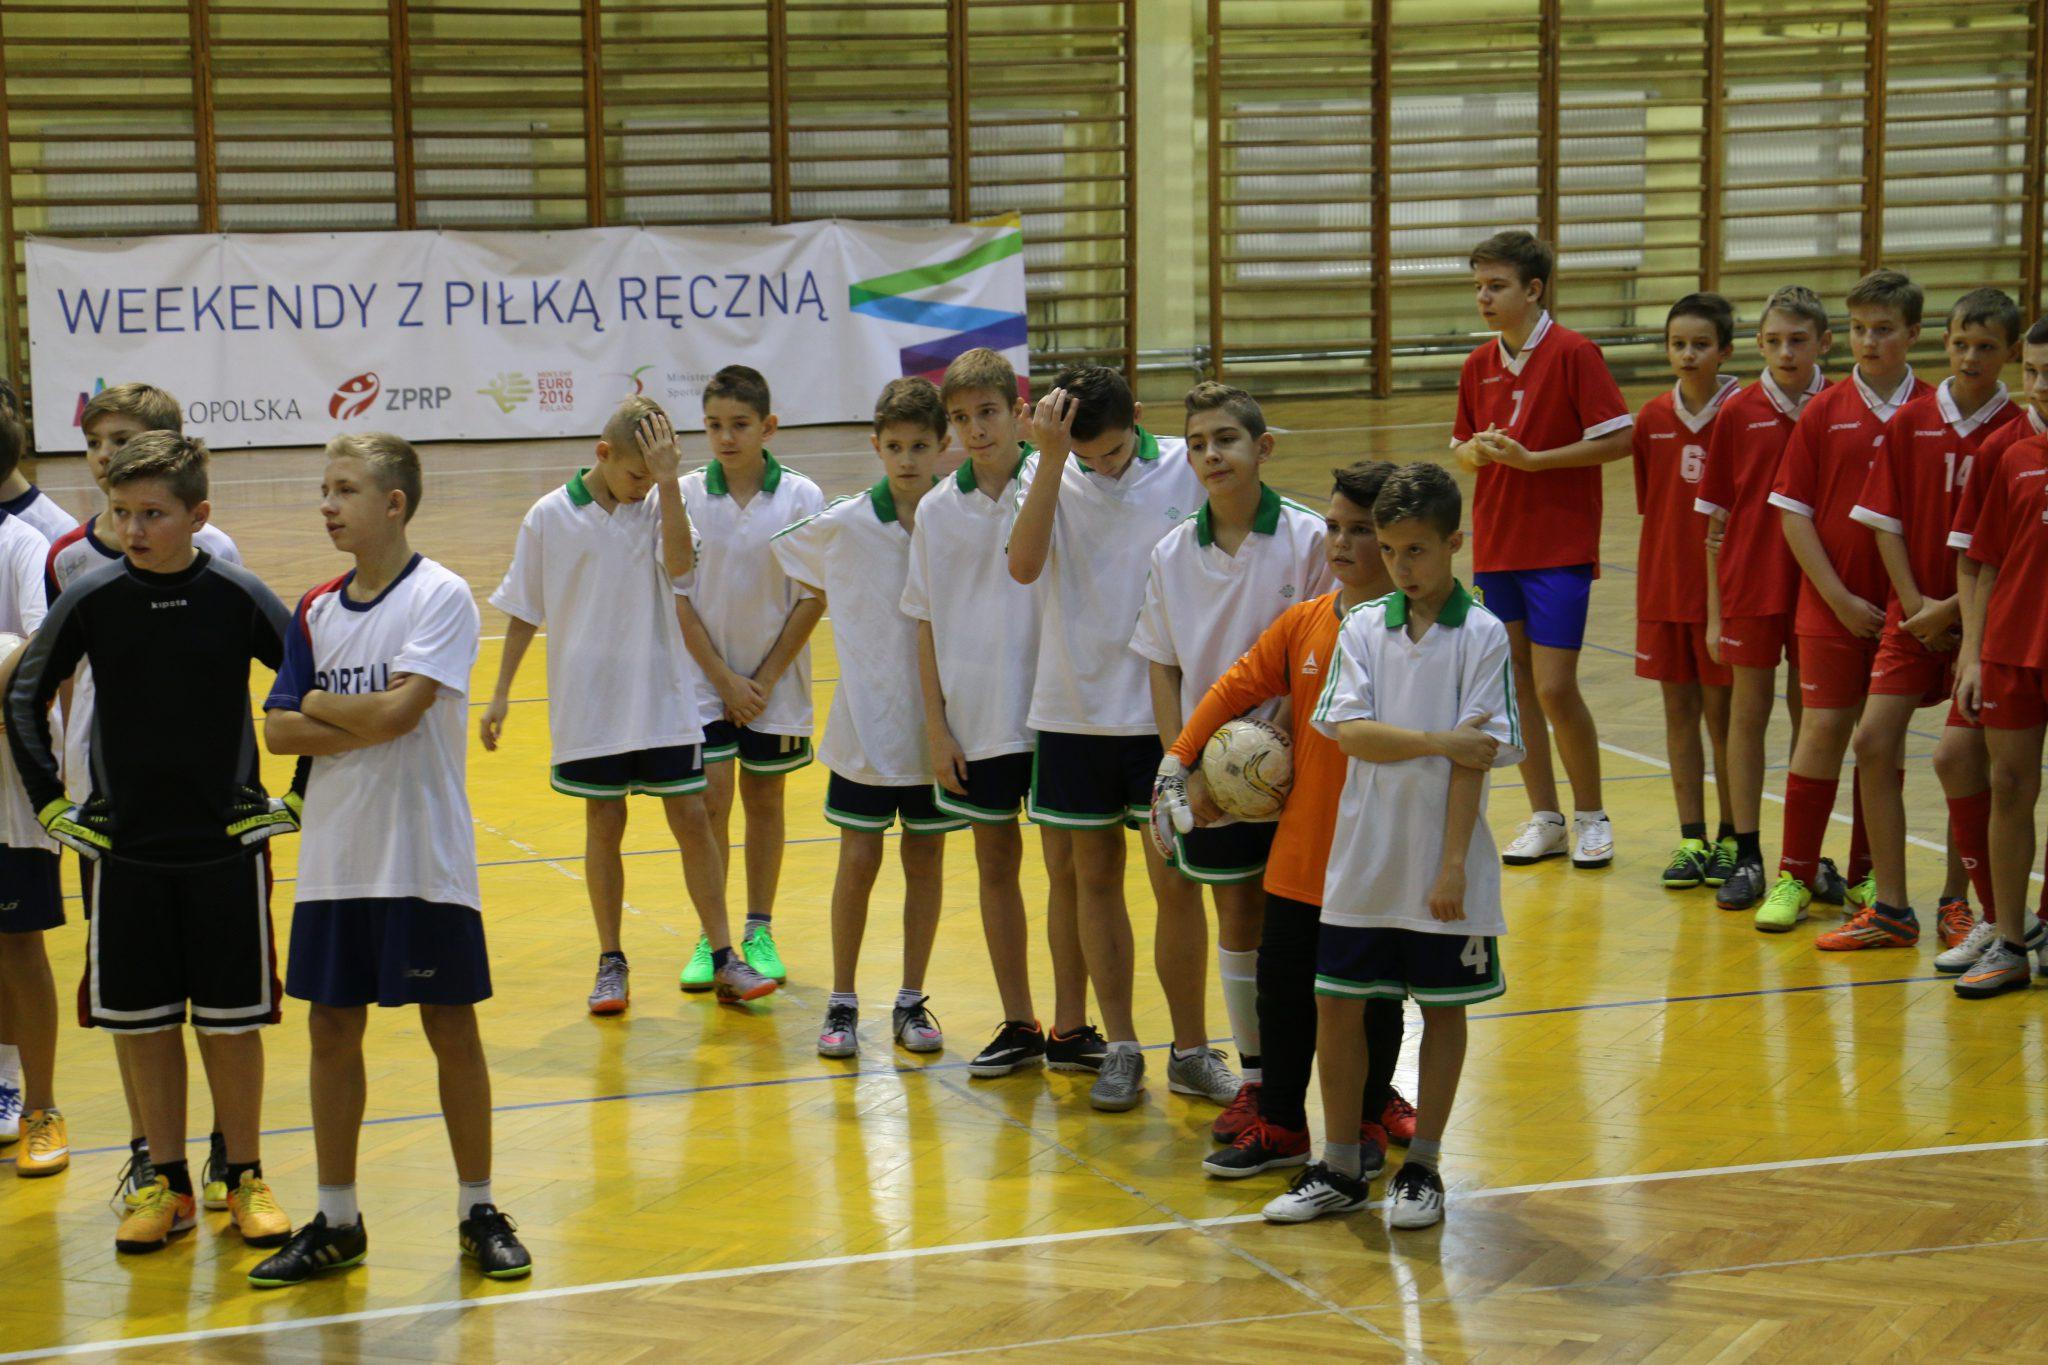 17-11-2015 – Mistrzostwa Małopolski w halowej piłce nożnej chłopców